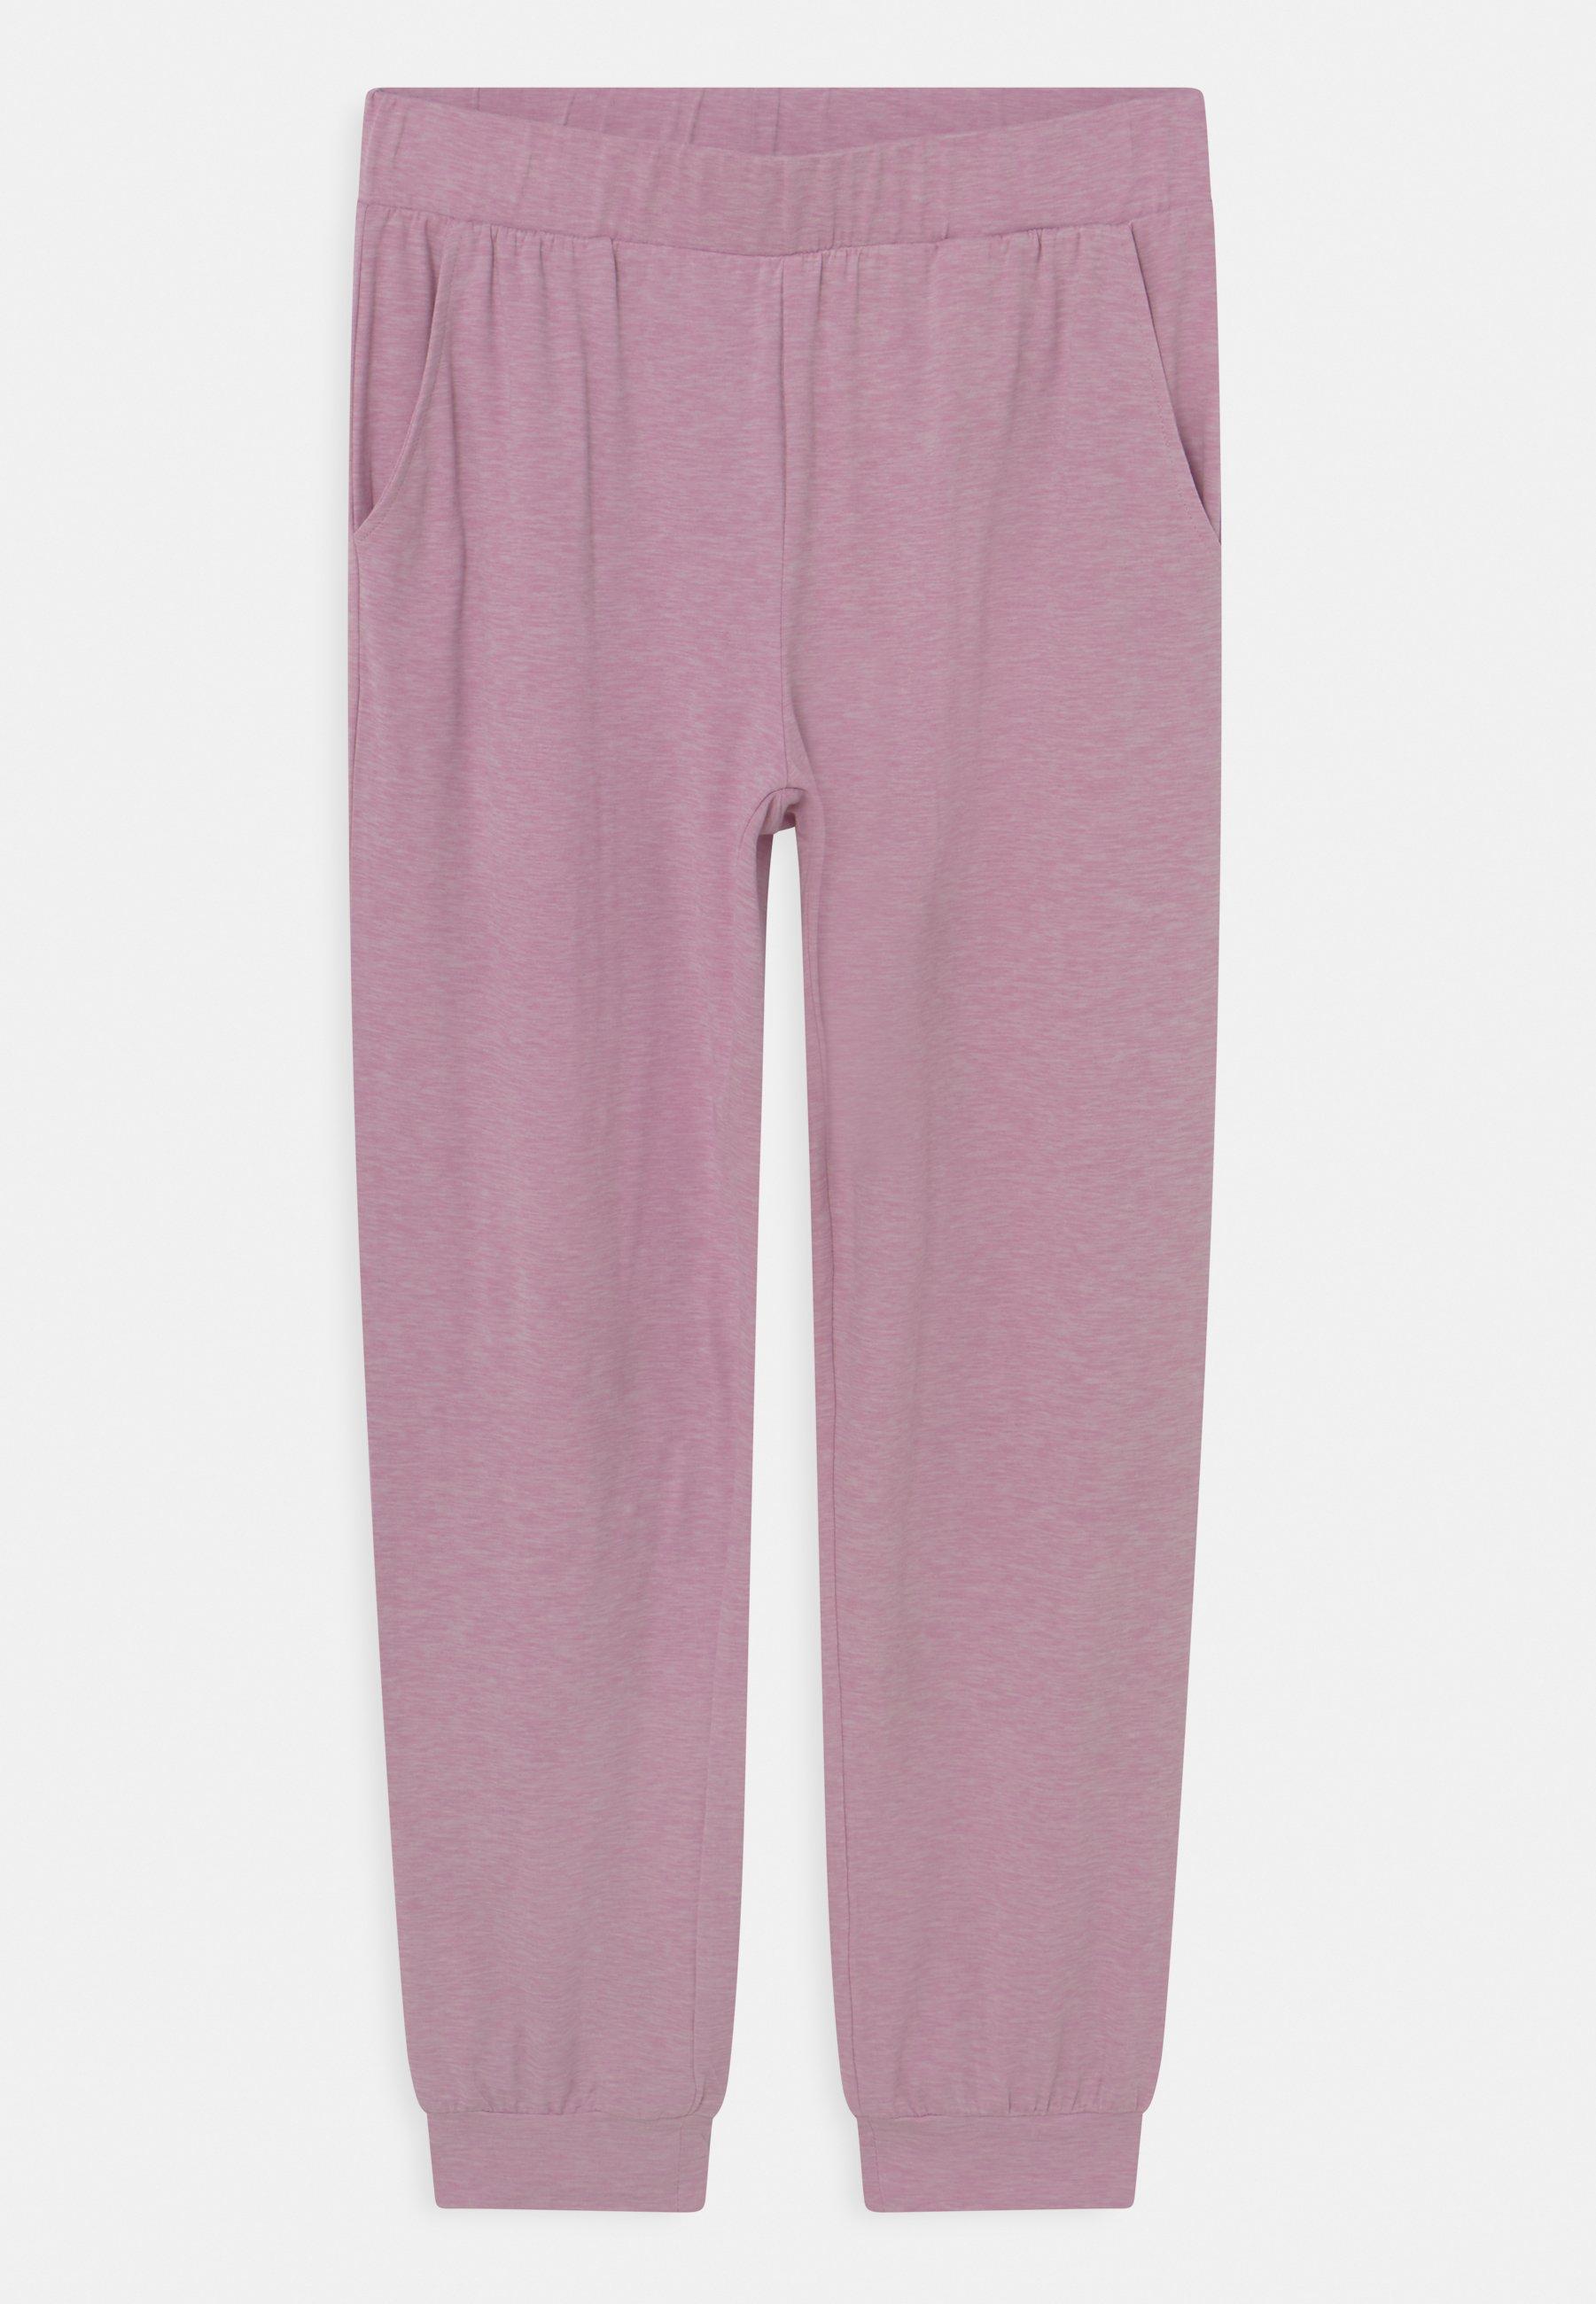 Kids SUNDAY PANTS - Tracksuit bottoms - lilac